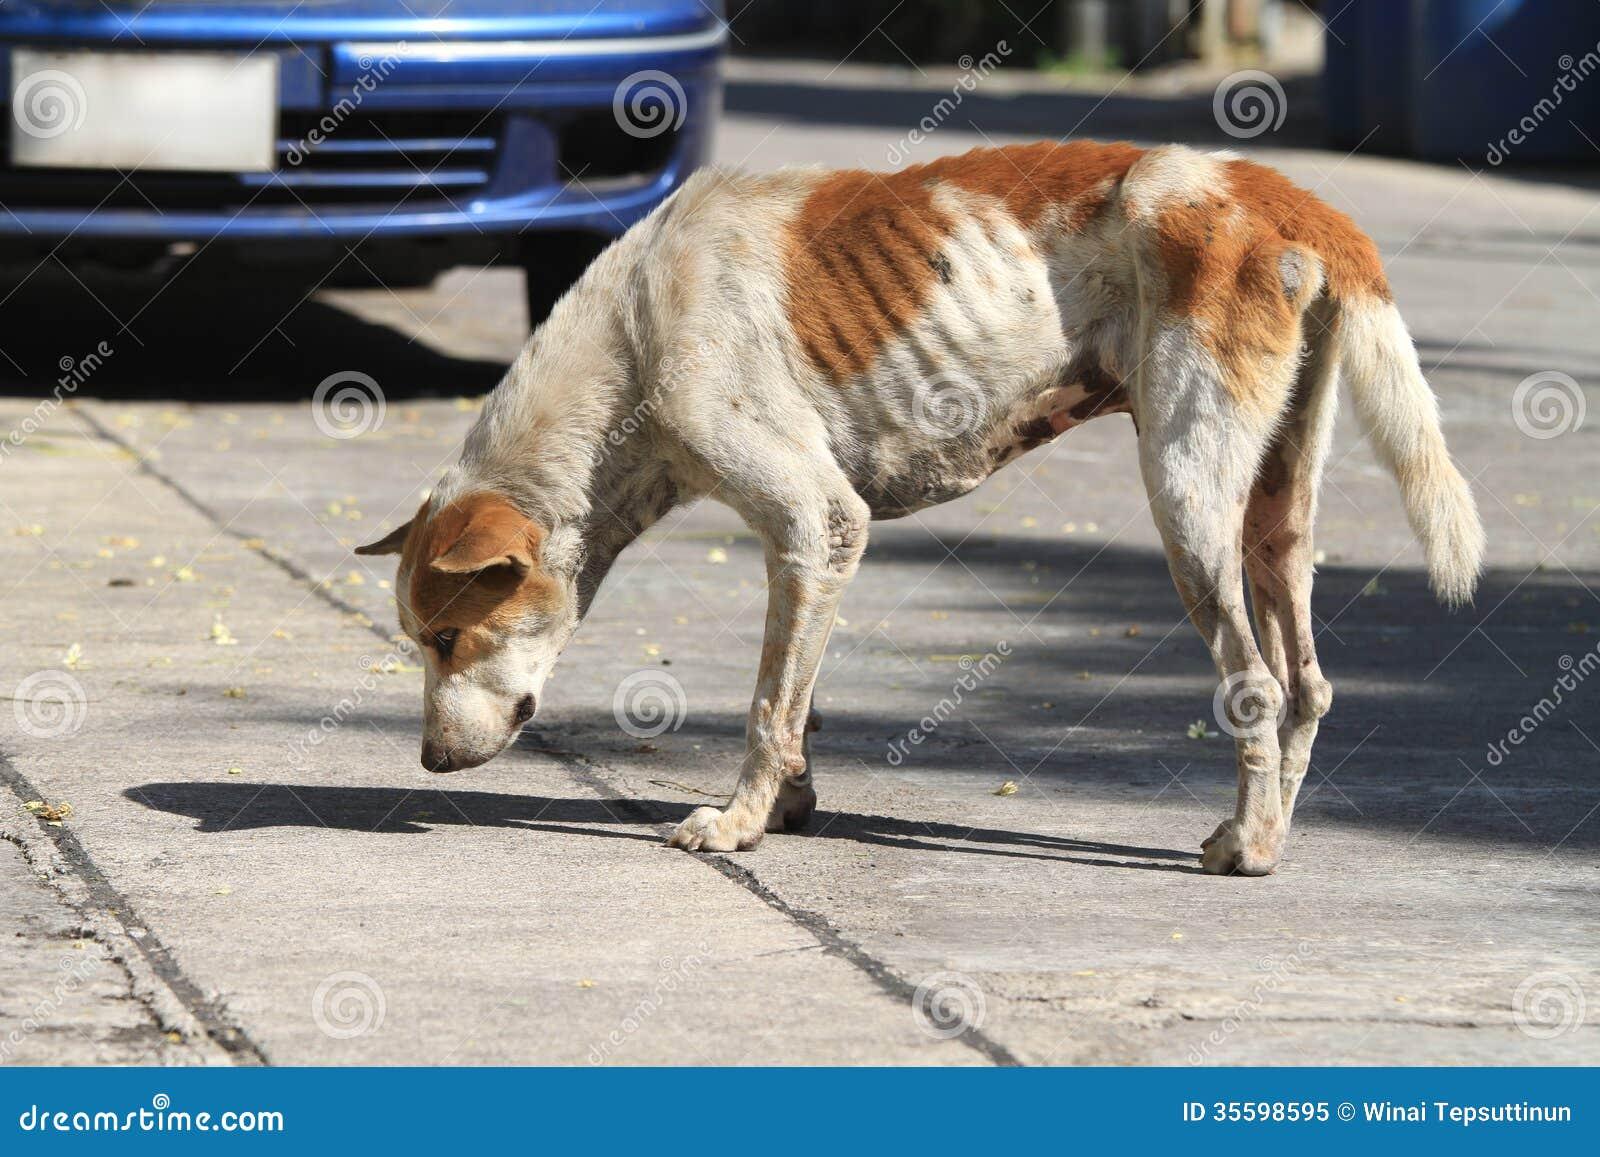 Hemlös hund på vägen